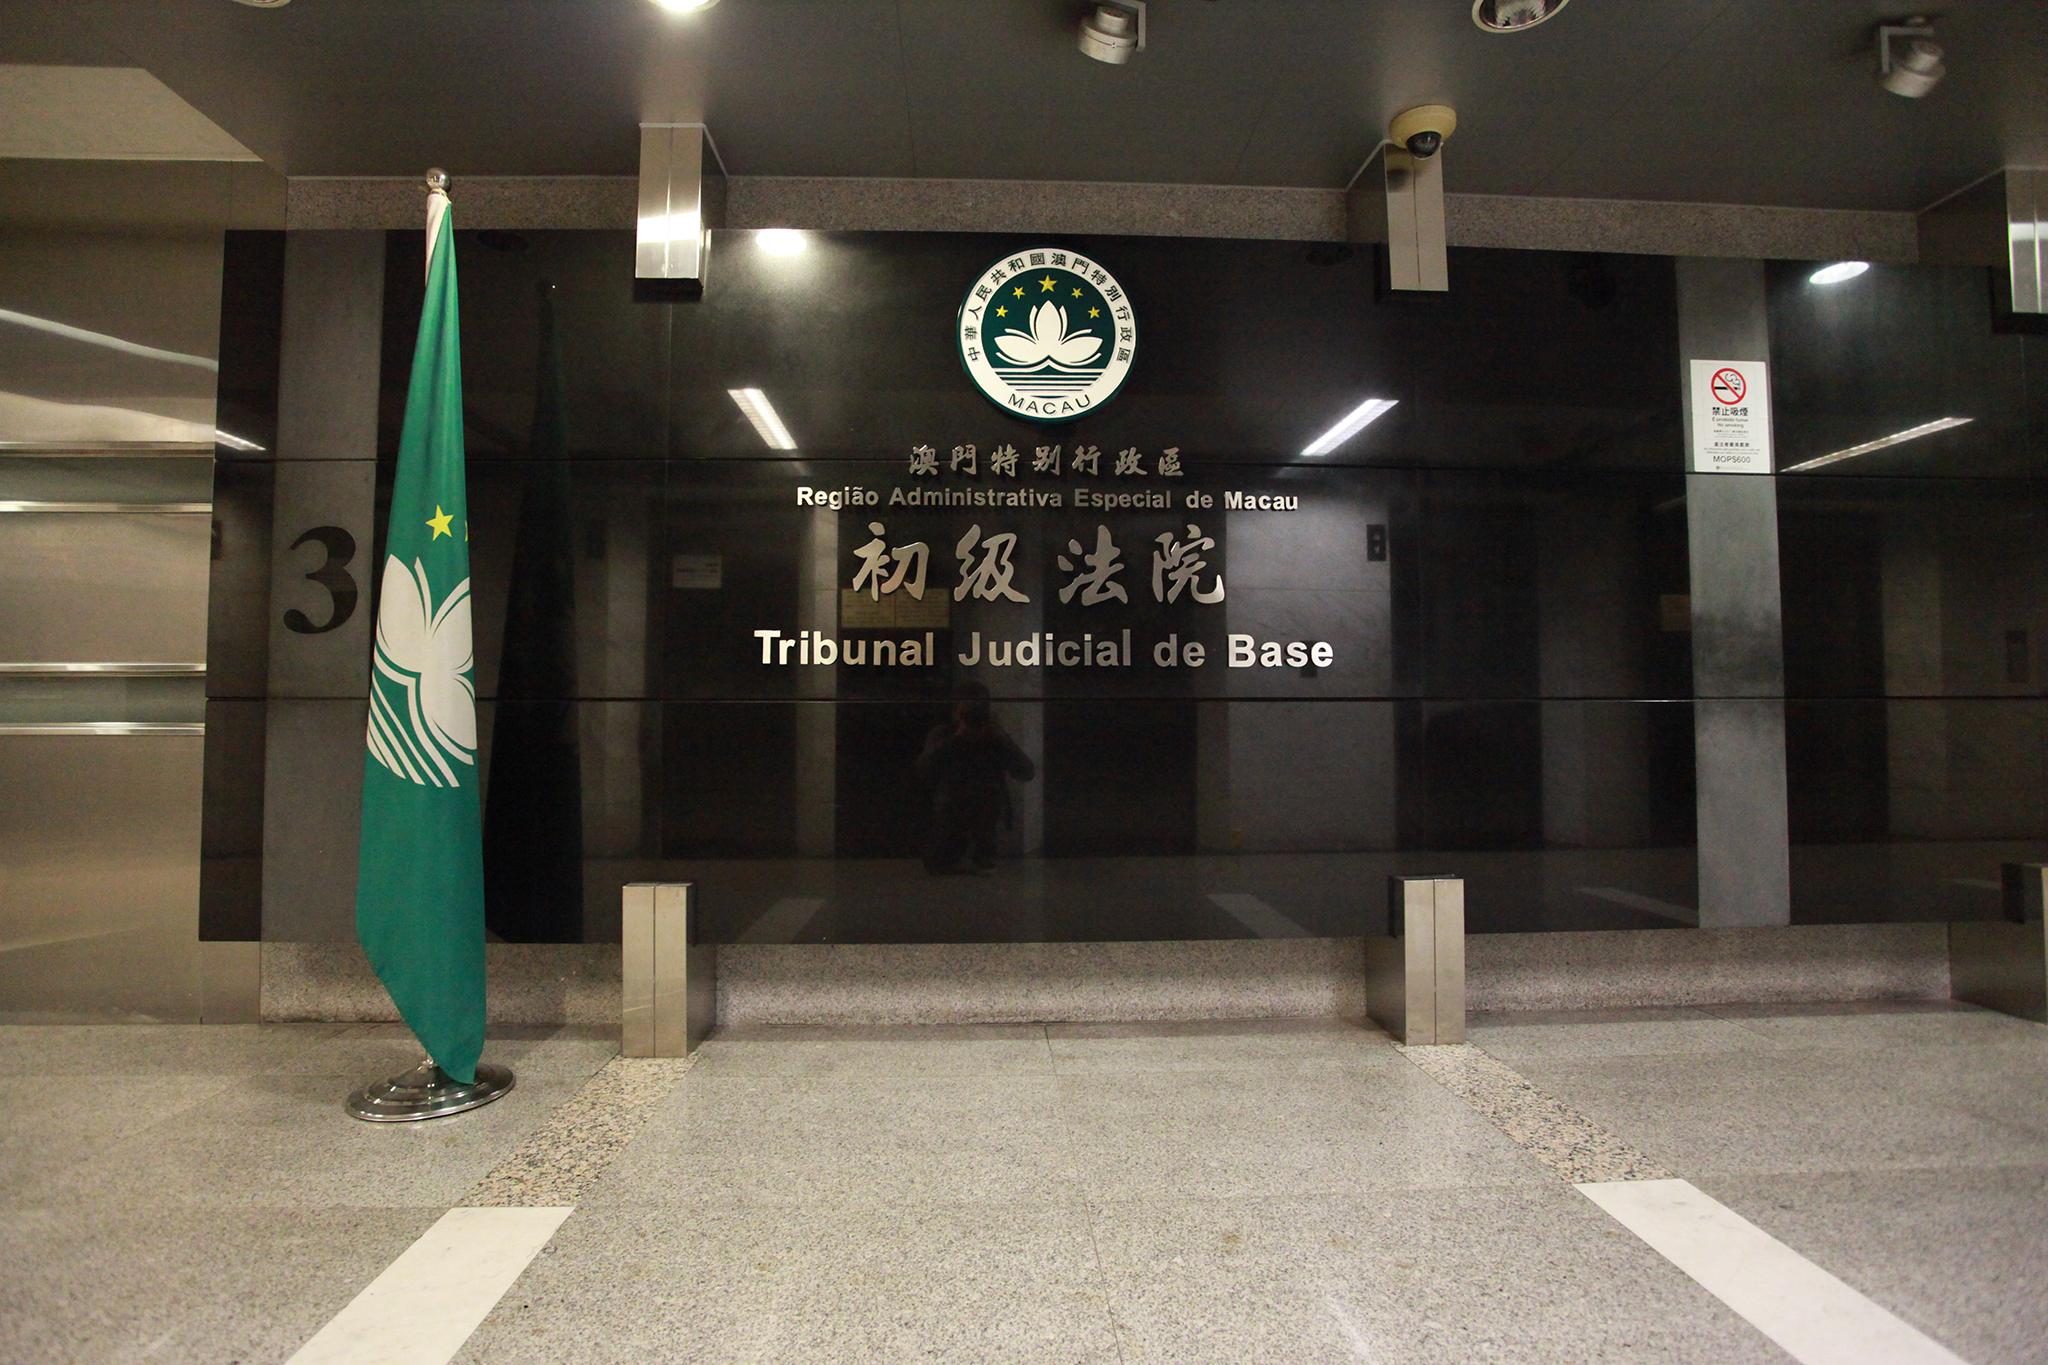 Atropelamento | Tribunal condena taxista a pagar 940 mil patacas